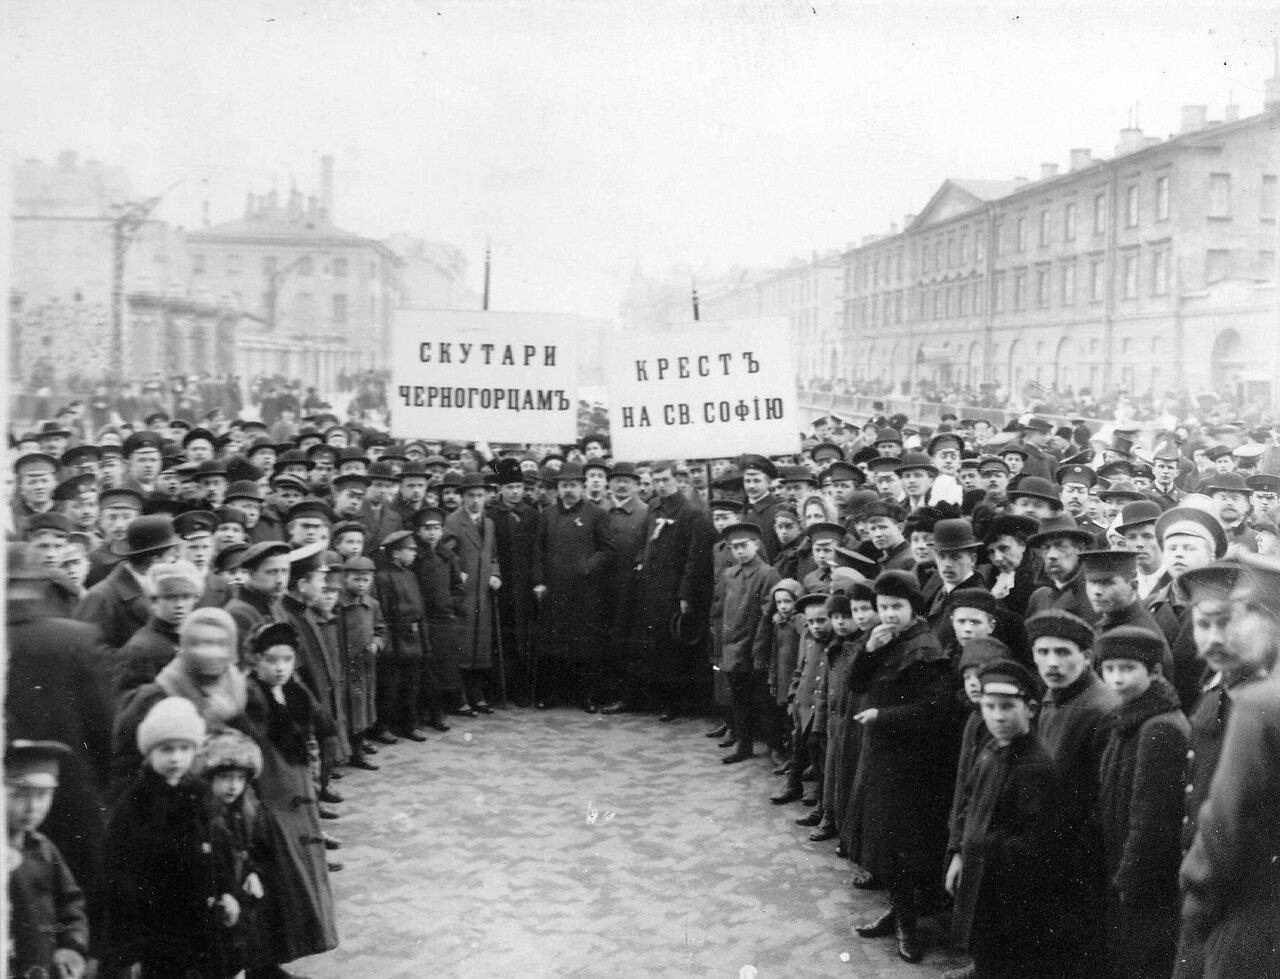 29. Участники манифестации с плакатами  у Екатерининского канала